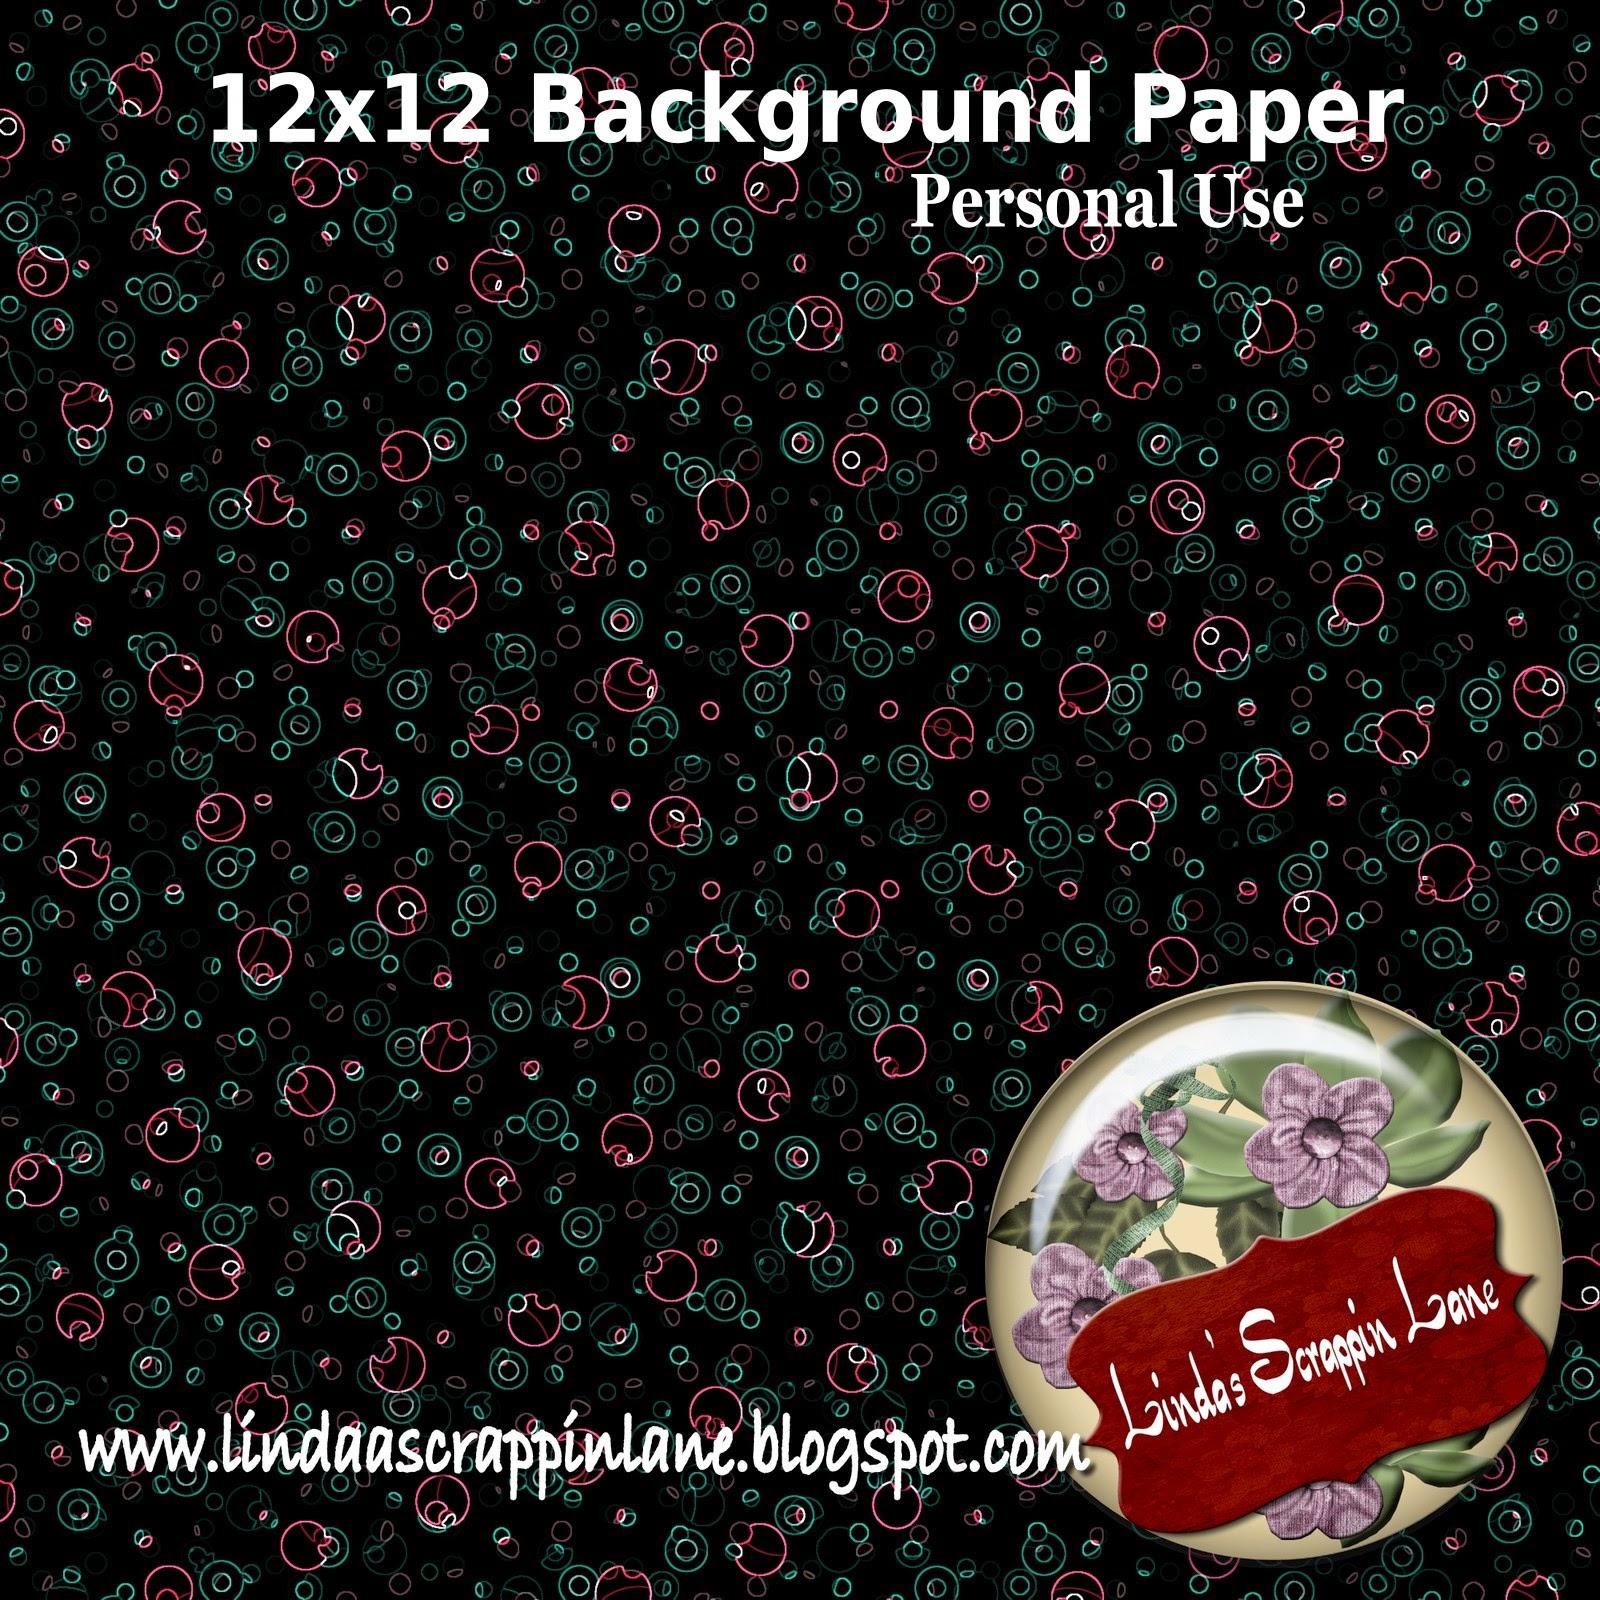 http://2.bp.blogspot.com/-eQKiwjzHiW8/VKCjbrILMOI/AAAAAAAAA8o/P-sC3LW56Nw/s1600/LSL%2BDec%2B28%2BBlog%2BFreebie%2BPreview.jpg